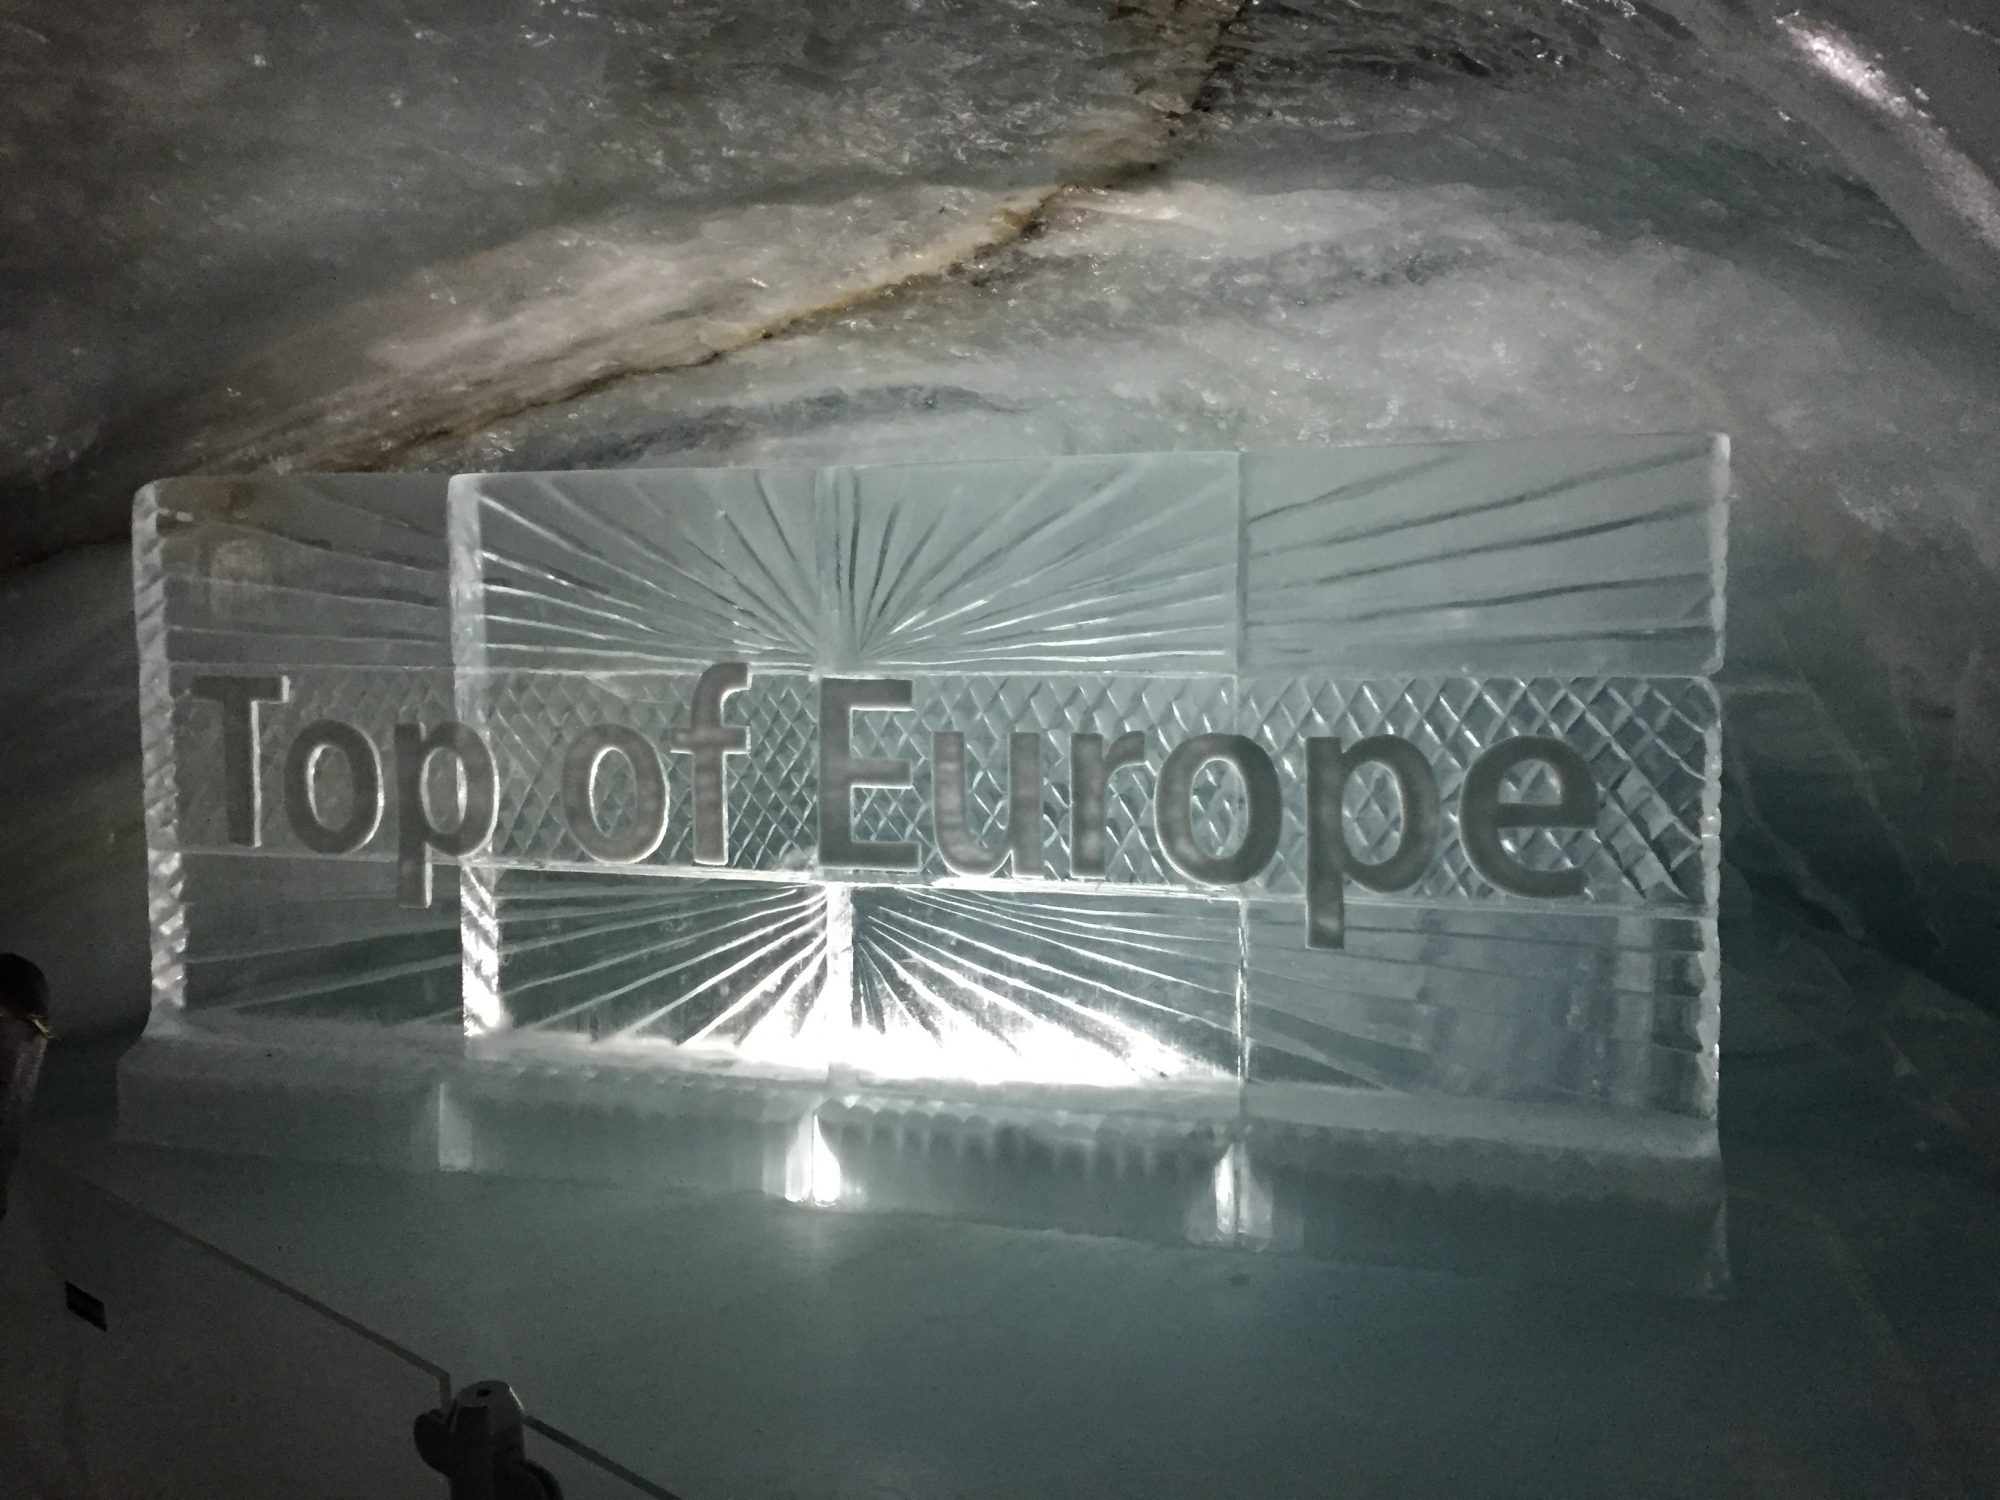 瑞士強制要求有 COVID-19 證書才能進入室內公共空間